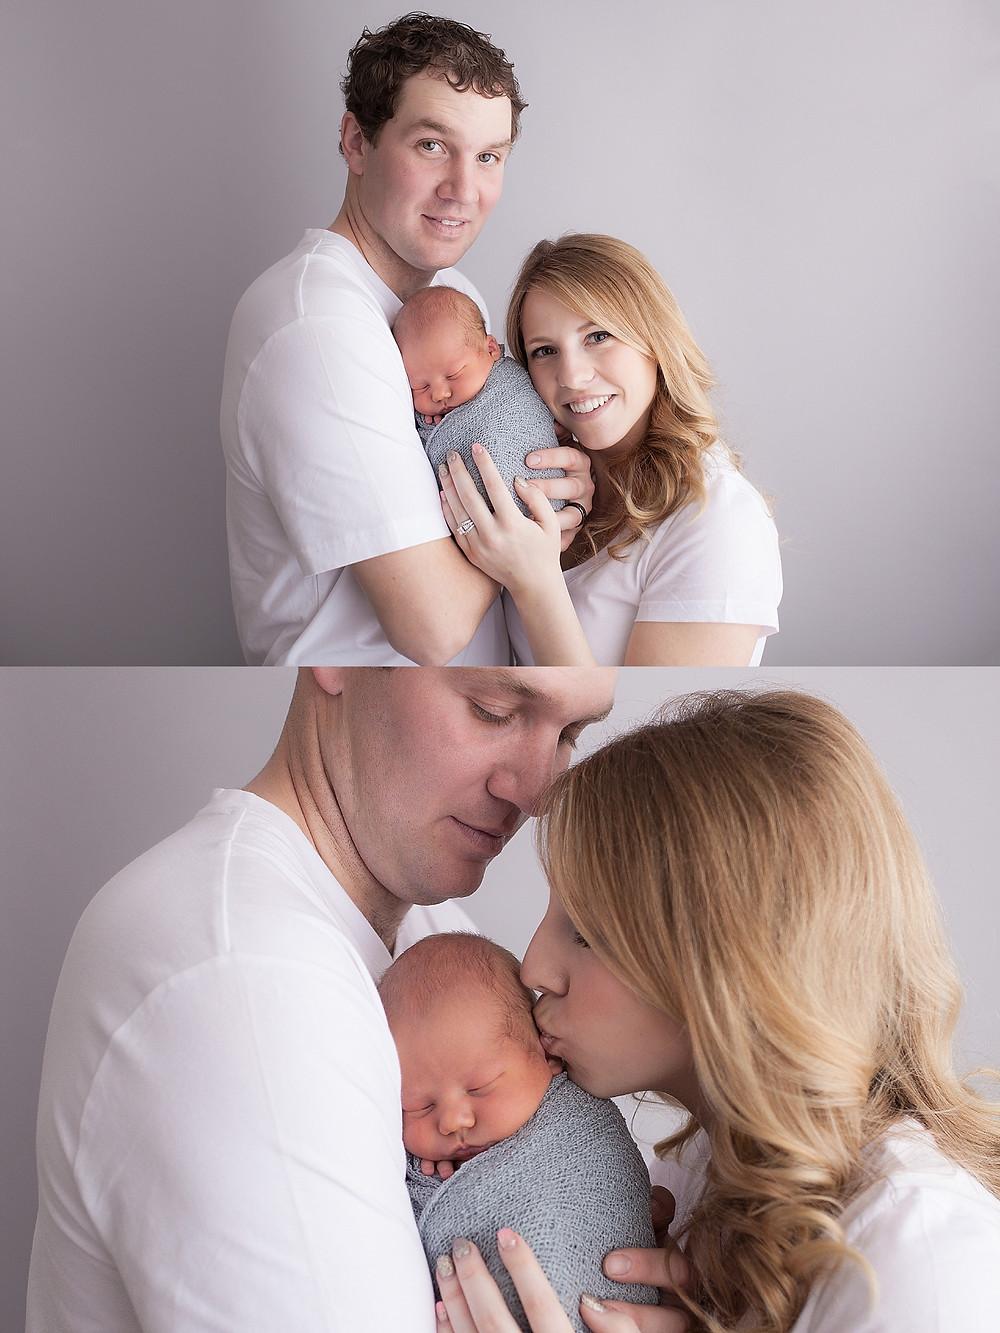 Stettler Newborn Photographer